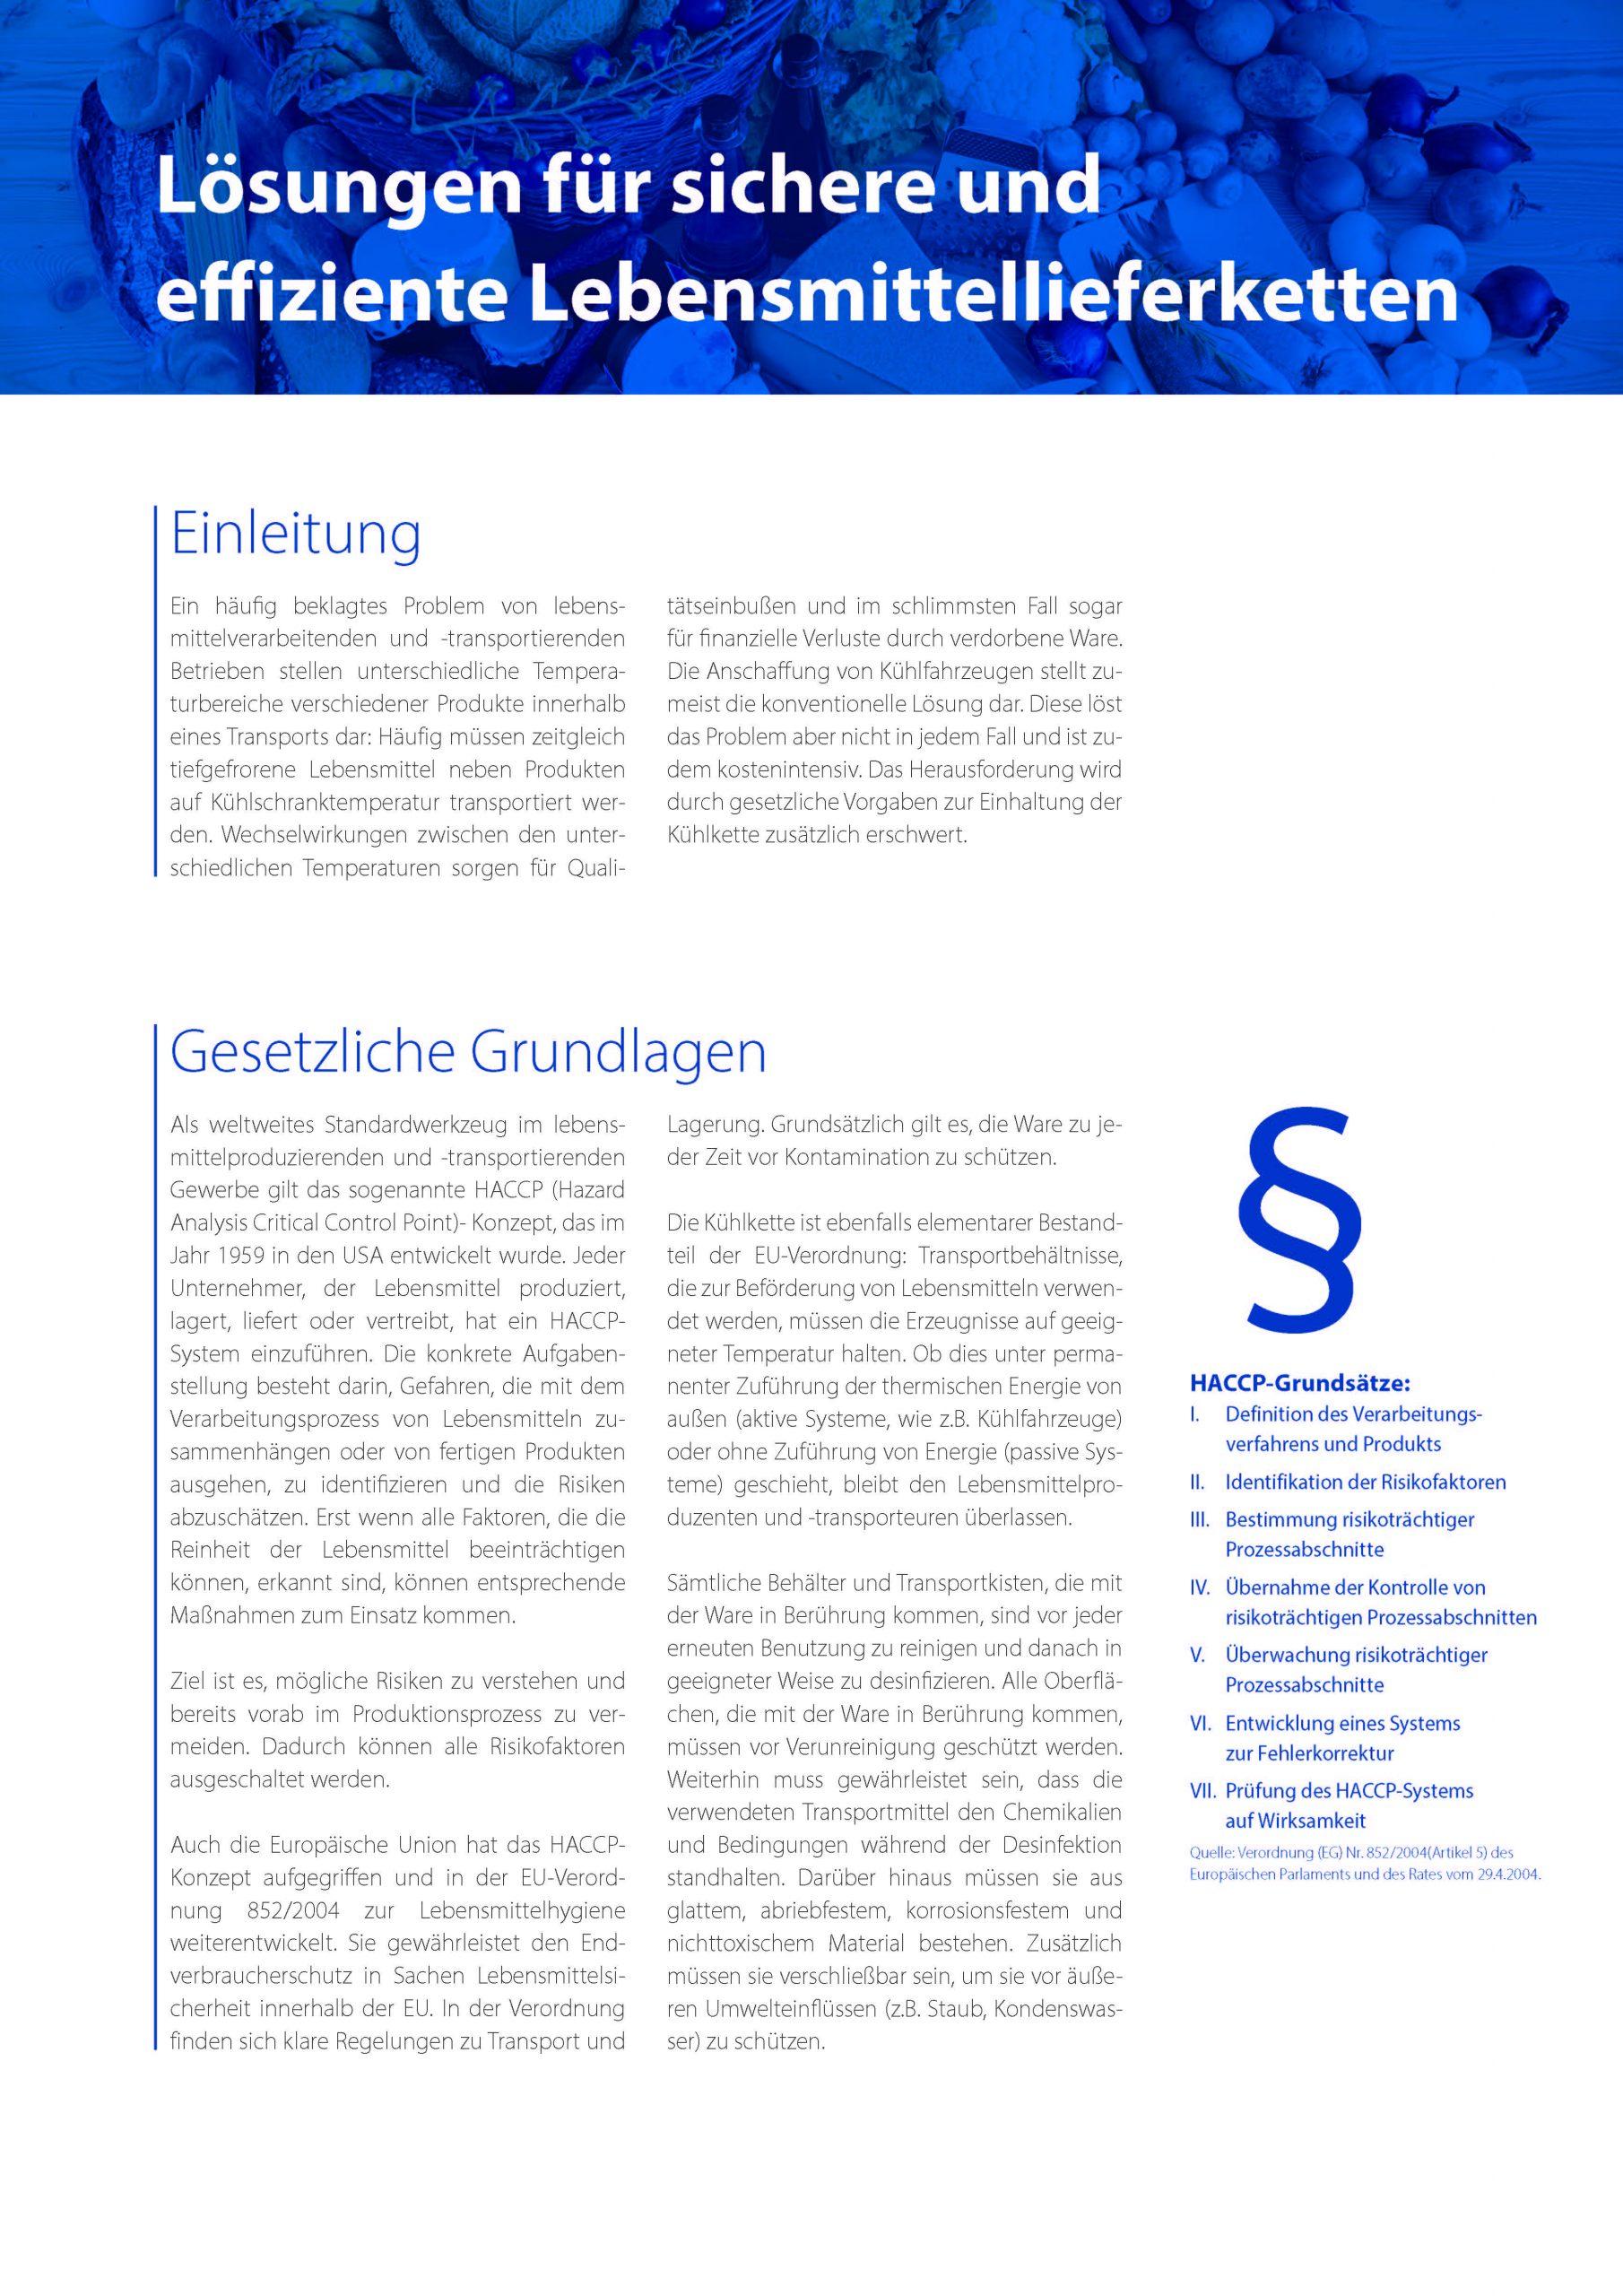 Revolution_Lebensmittelindustrie_DE_Seite_1